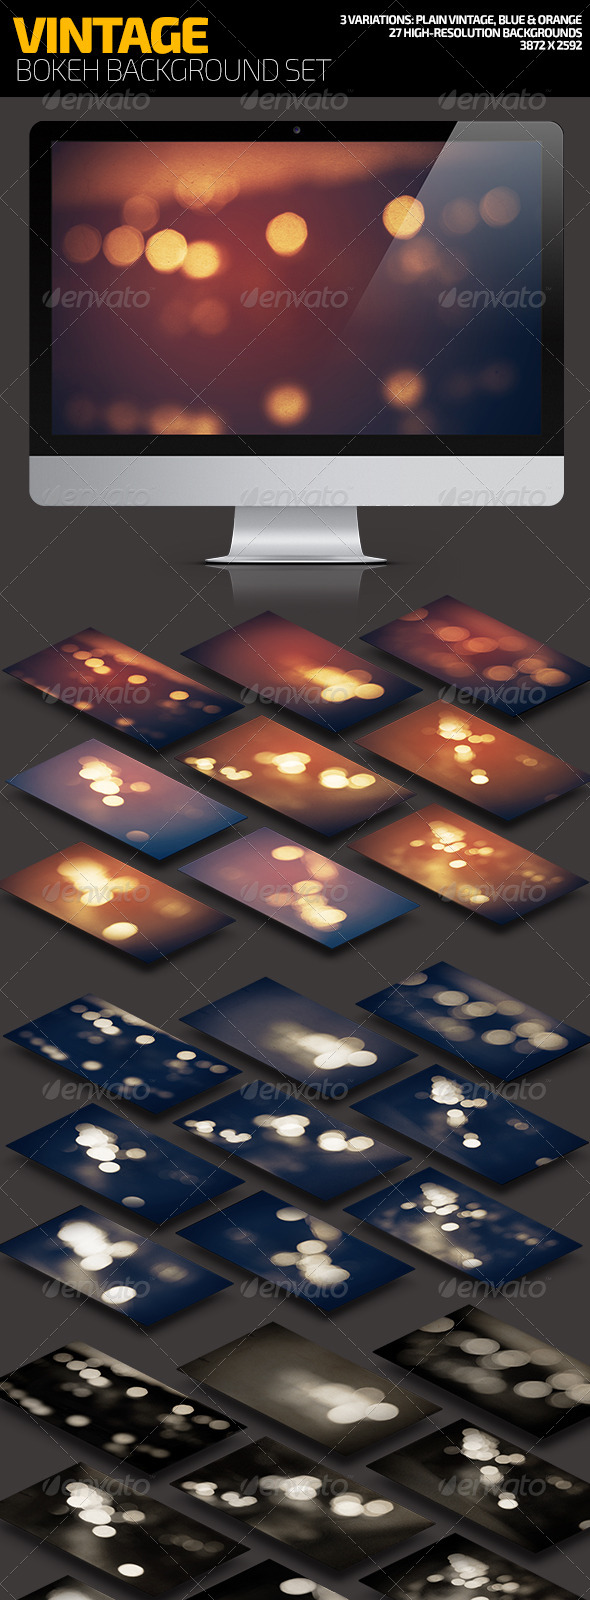 Vintage Bokeh Background Set - Backgrounds Graphics